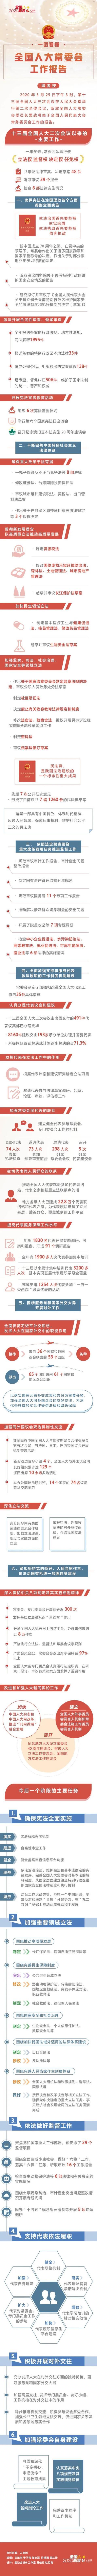 内蒙古日报一图读懂 | 全国人大常委会工作报告